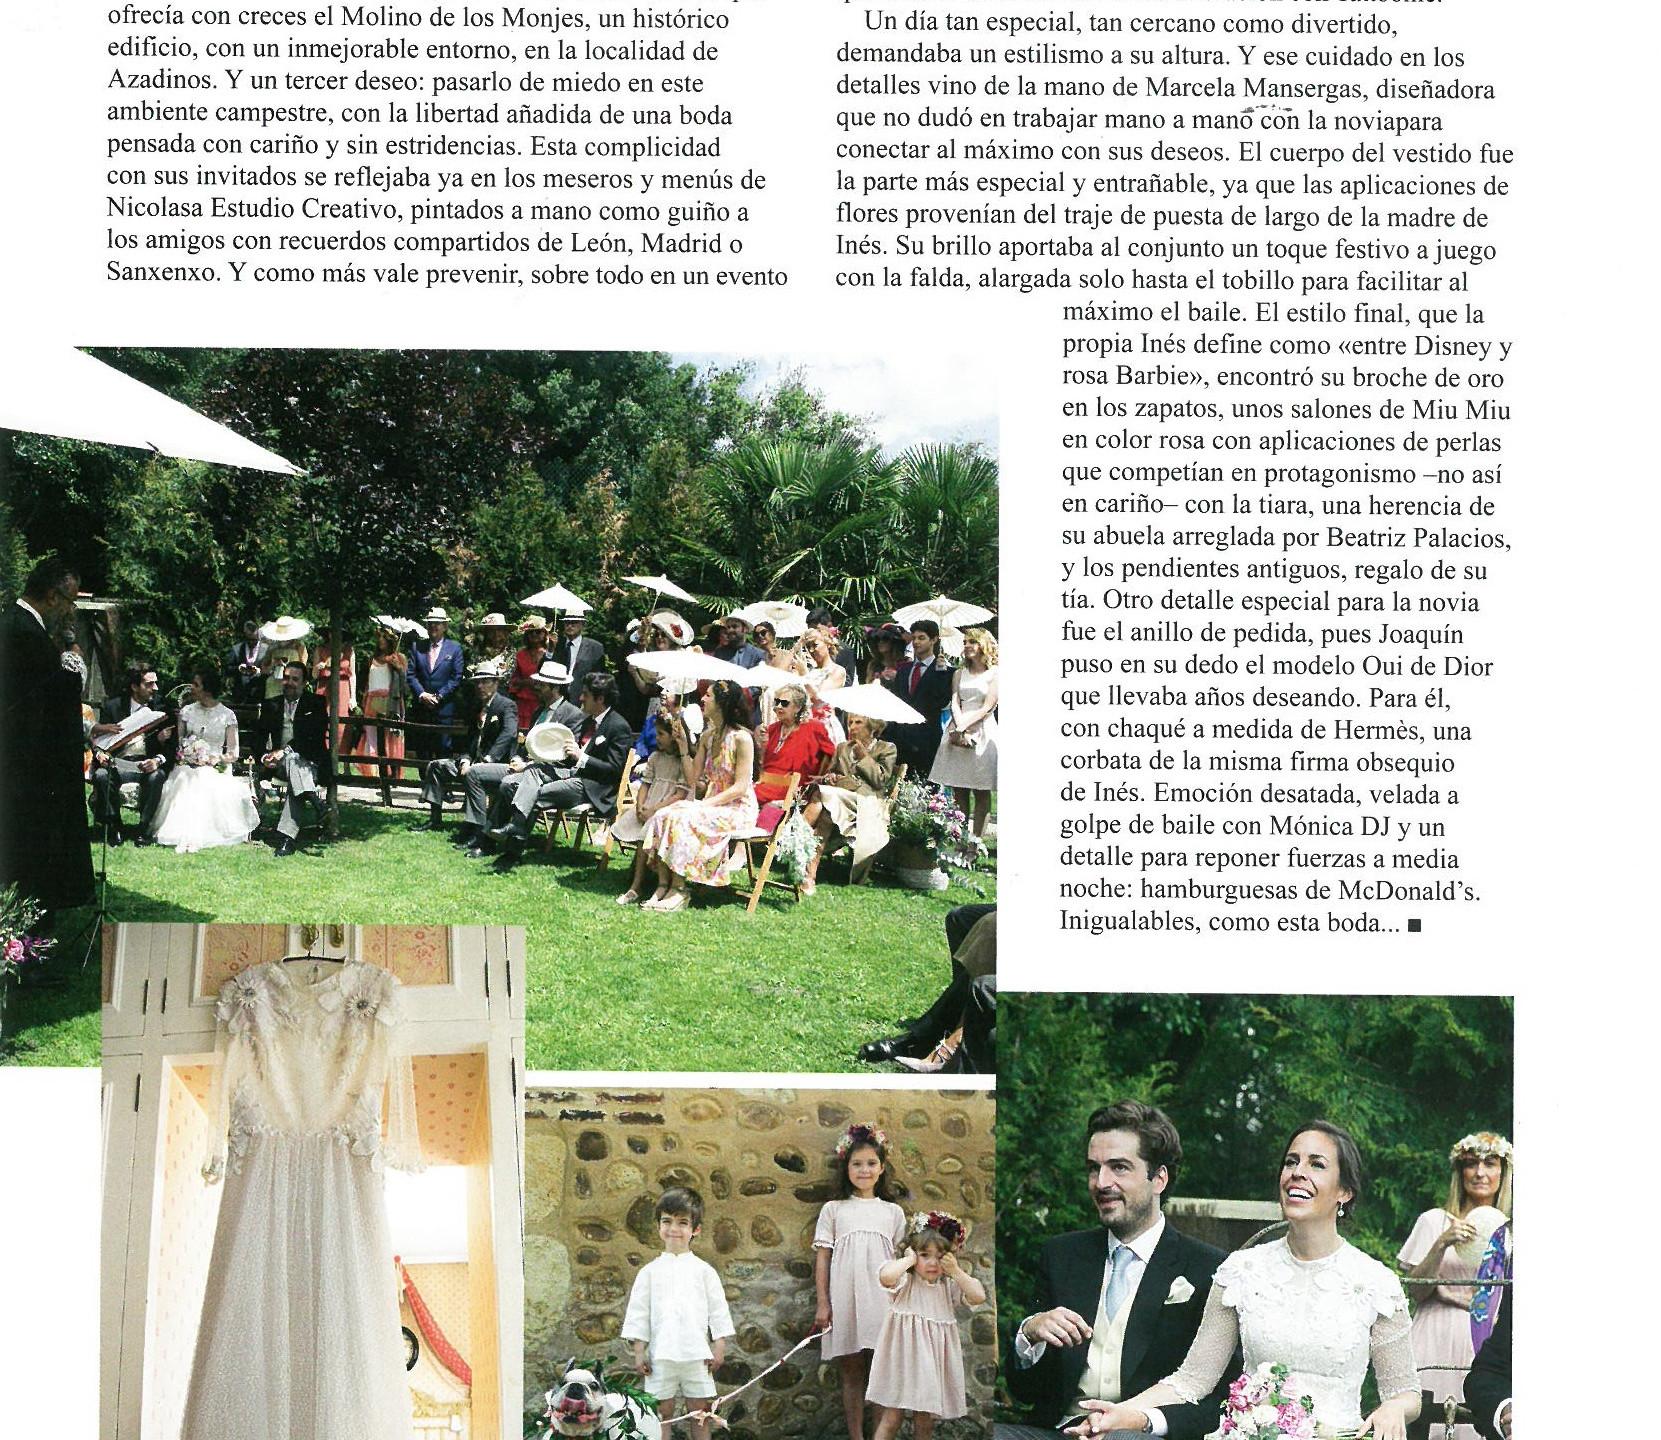 Reportaje_sobre_la_boda_de_Inés_Ibáñez_y_Joaquín_Peñalver_en_Vogue_Novias_(2)